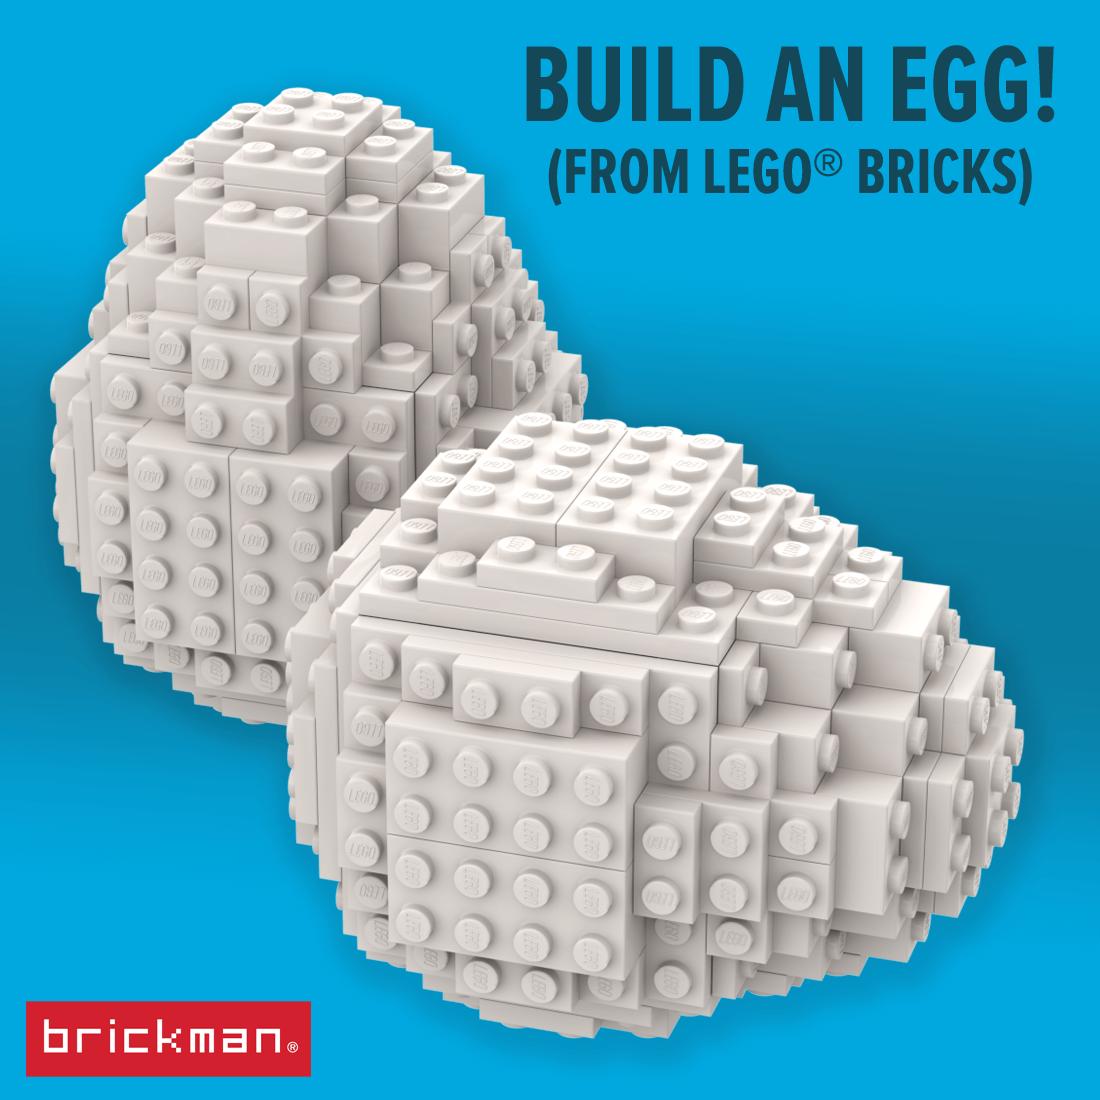 Build a LEGO Egg!